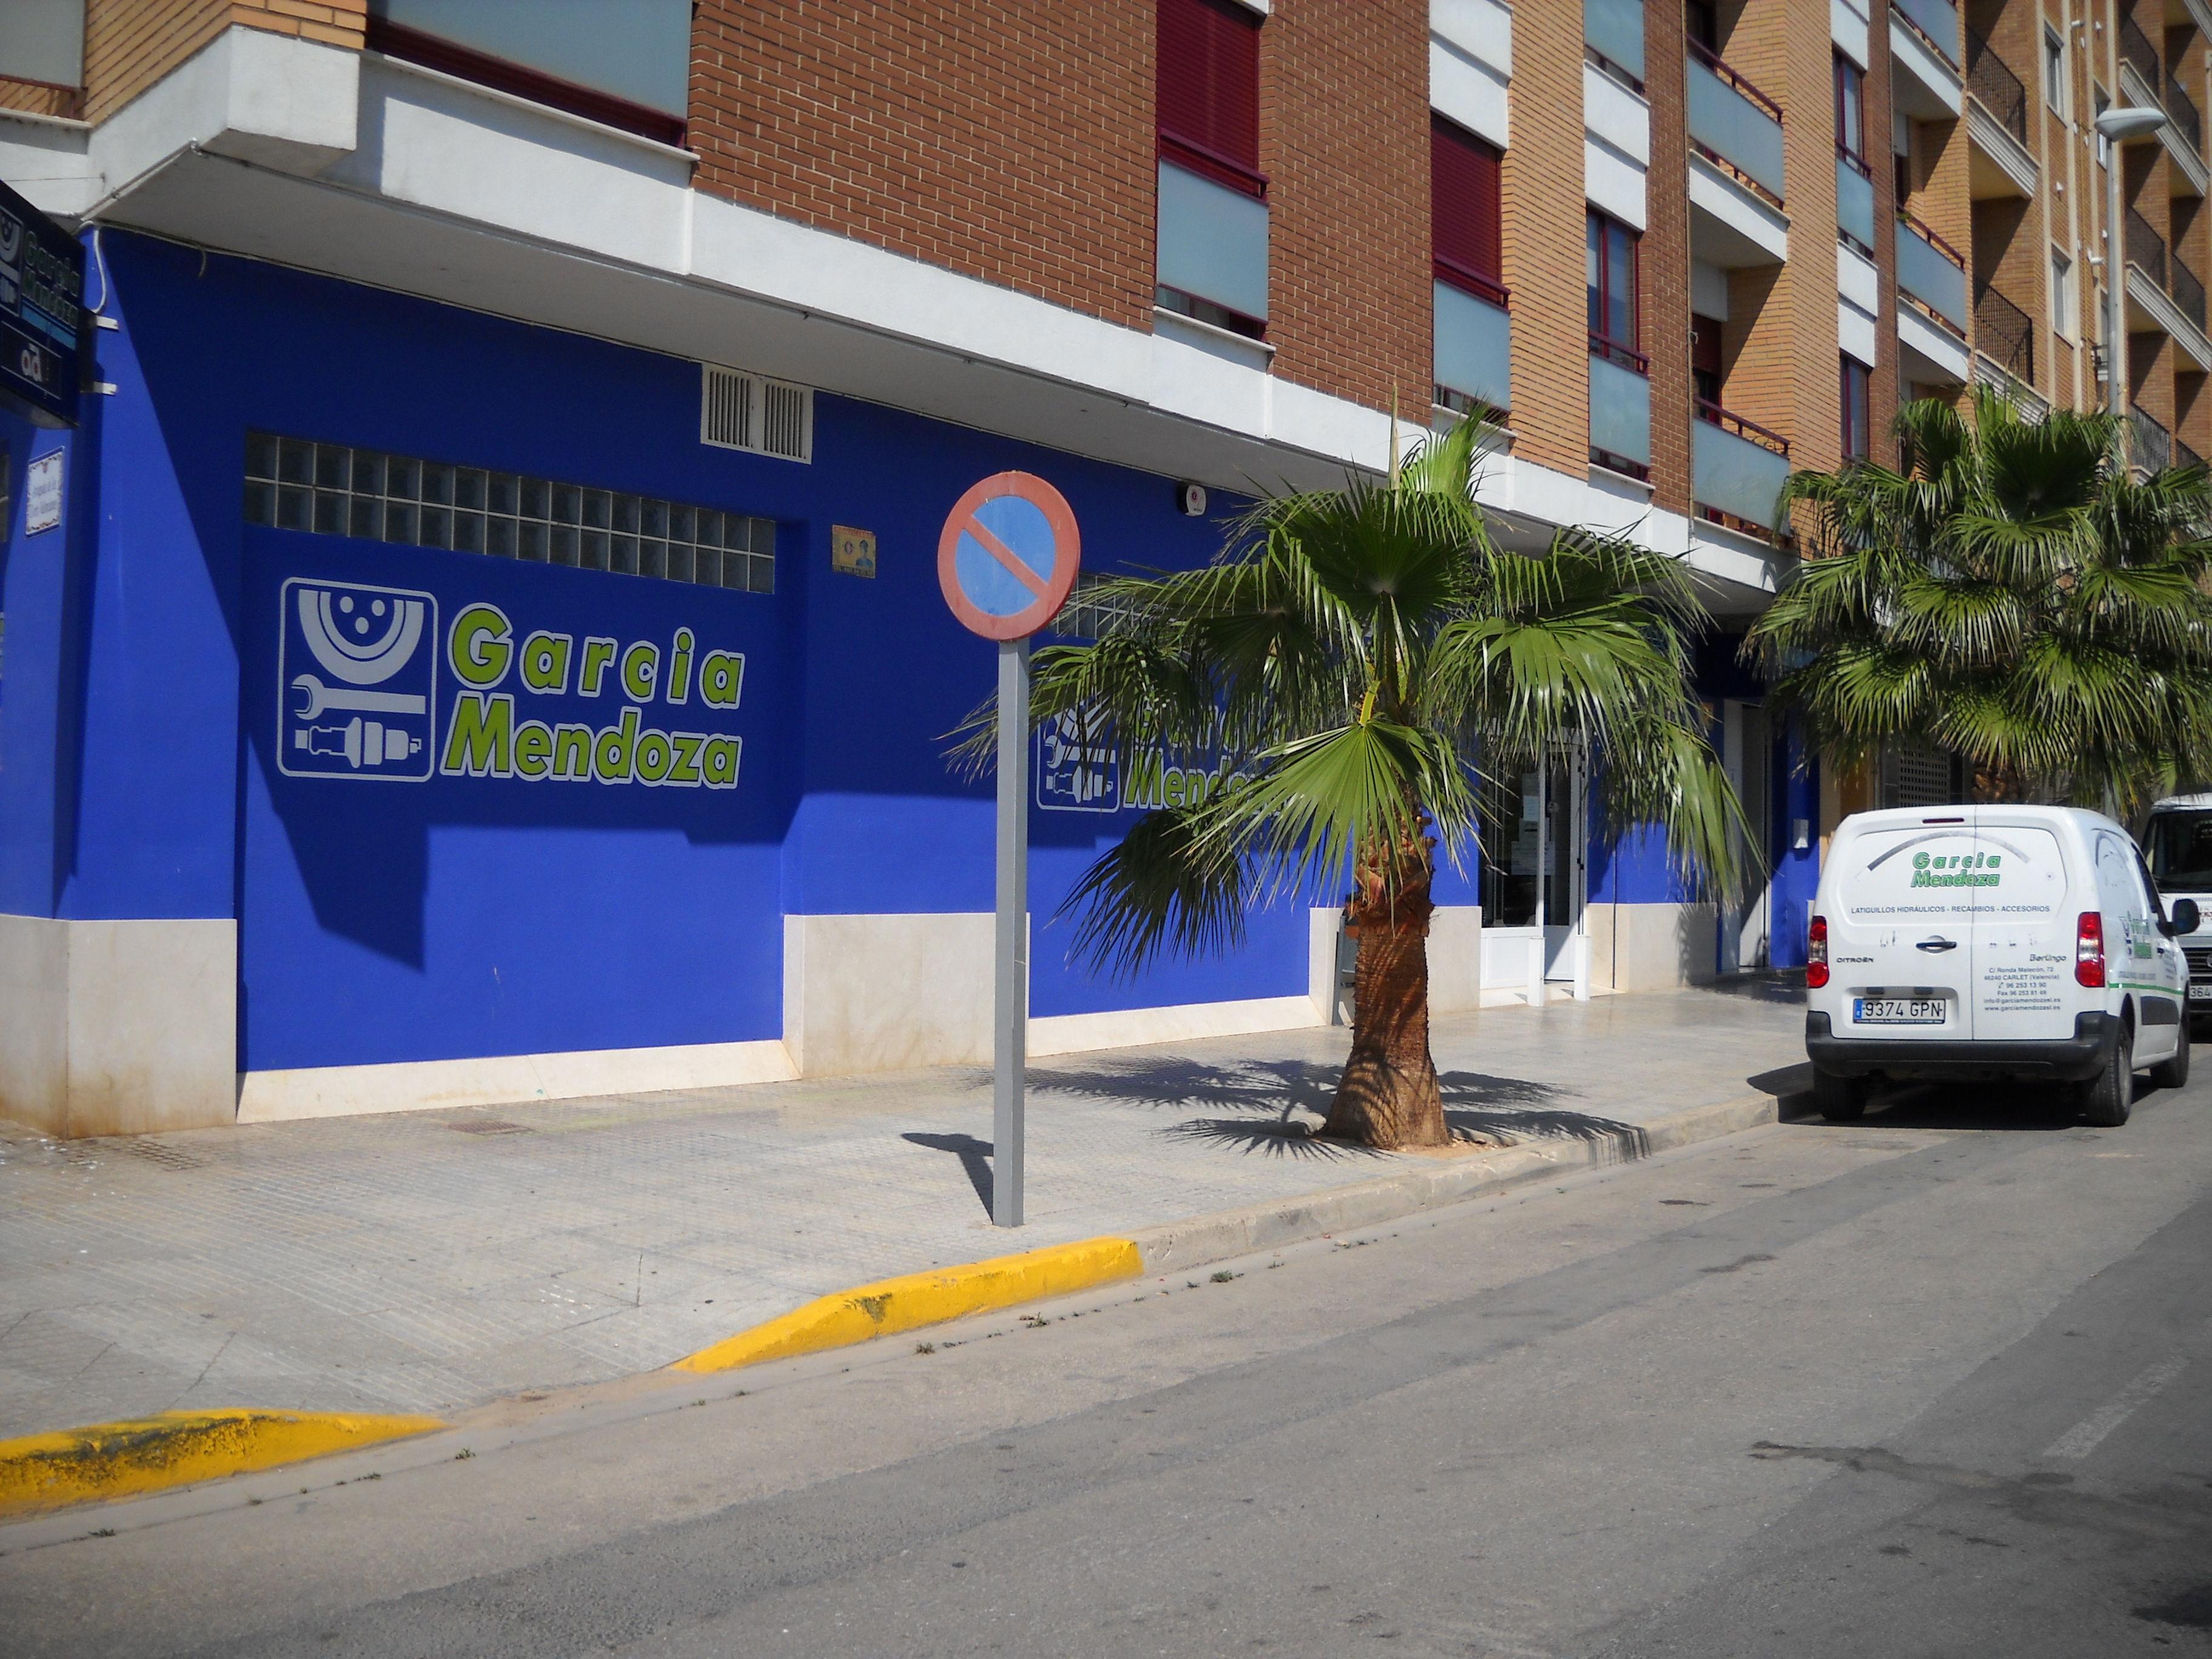 Foto 4 de Recambios y accesorios del automóvil en Carlet | Garcia Mendoza